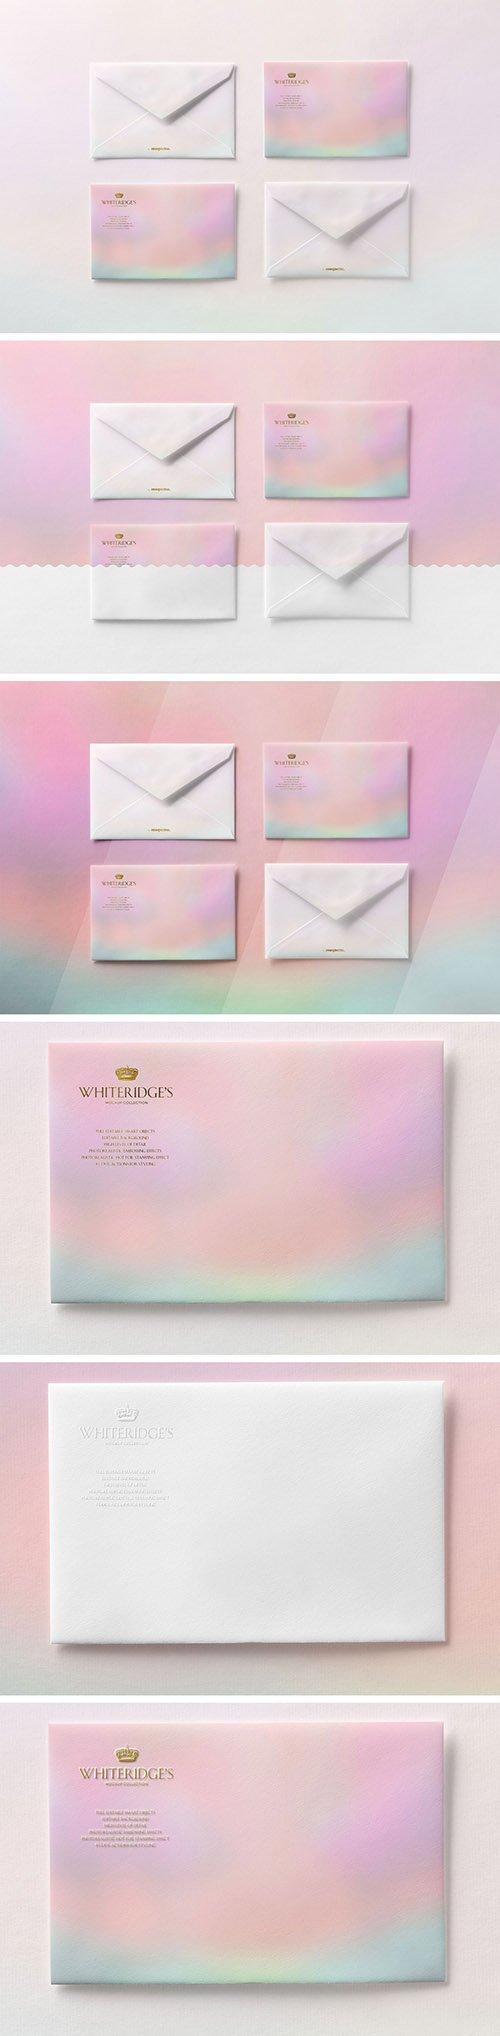 Four Luxury Gold-Embossed Envelopes Mockup 1 130430110 PSDT